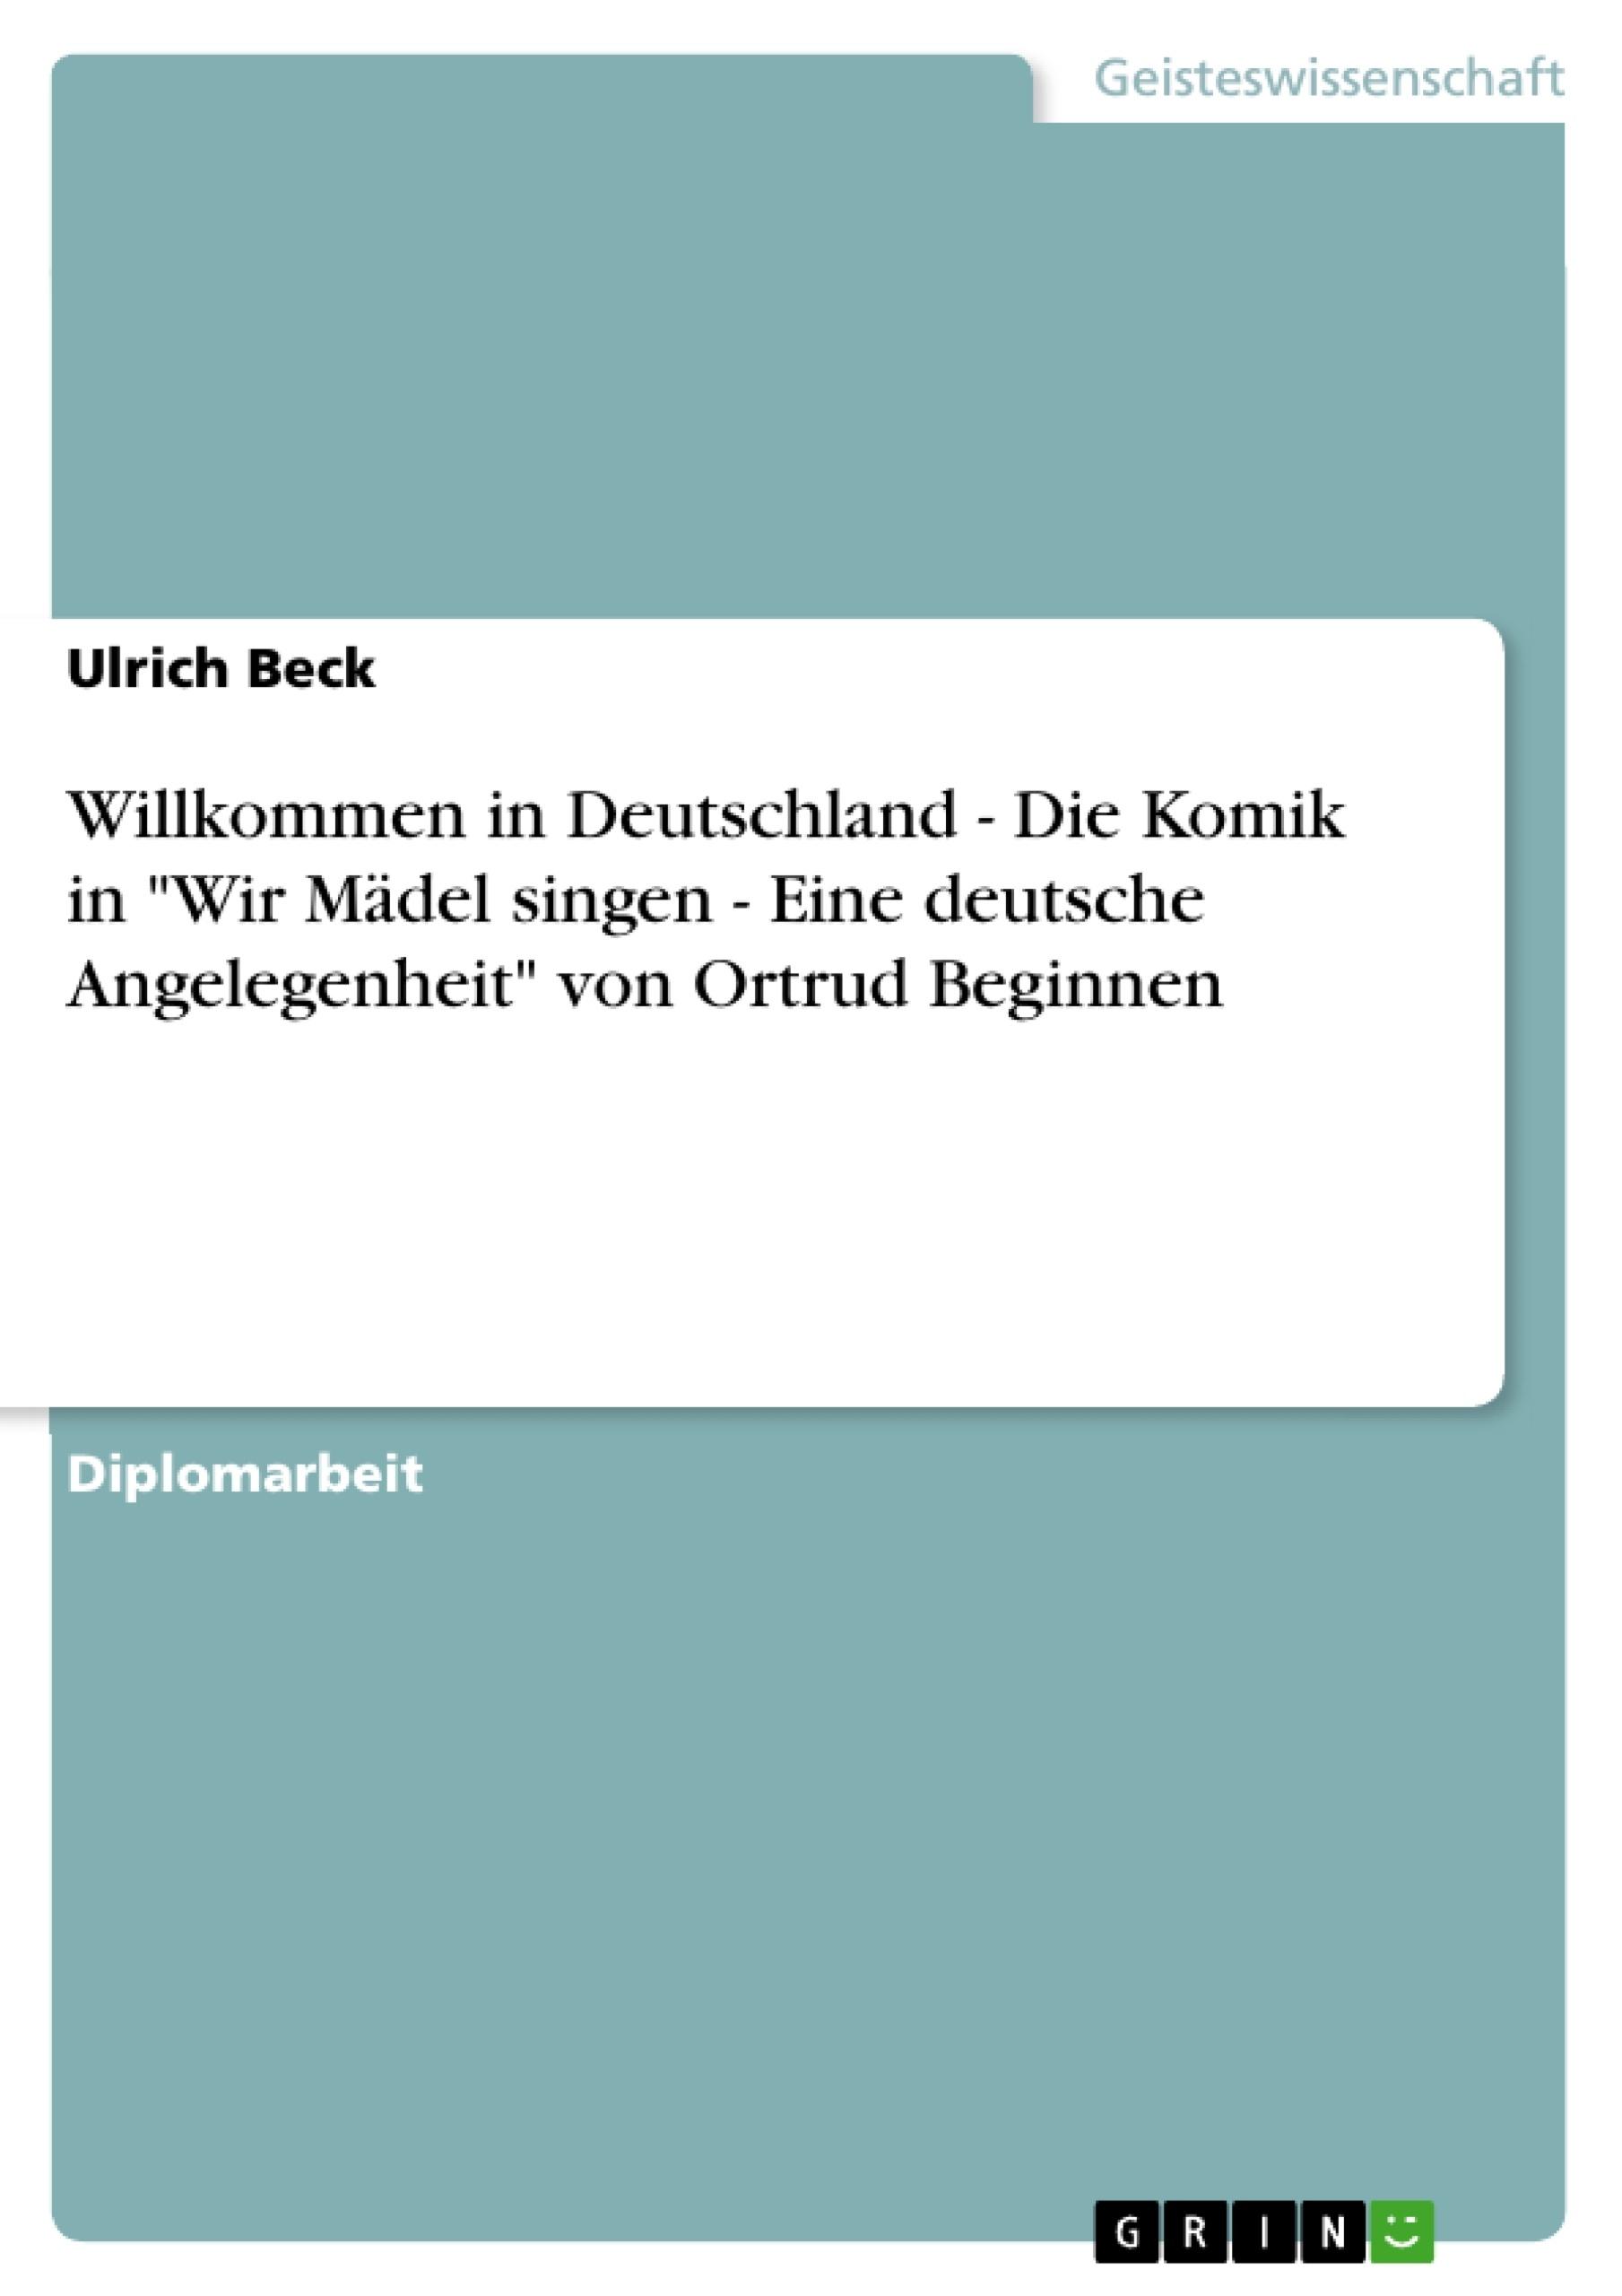 """Titel: Willkommen in Deutschland - Die Komik in """"Wir Mädel singen - Eine deutsche Angelegenheit"""" von Ortrud Beginnen"""